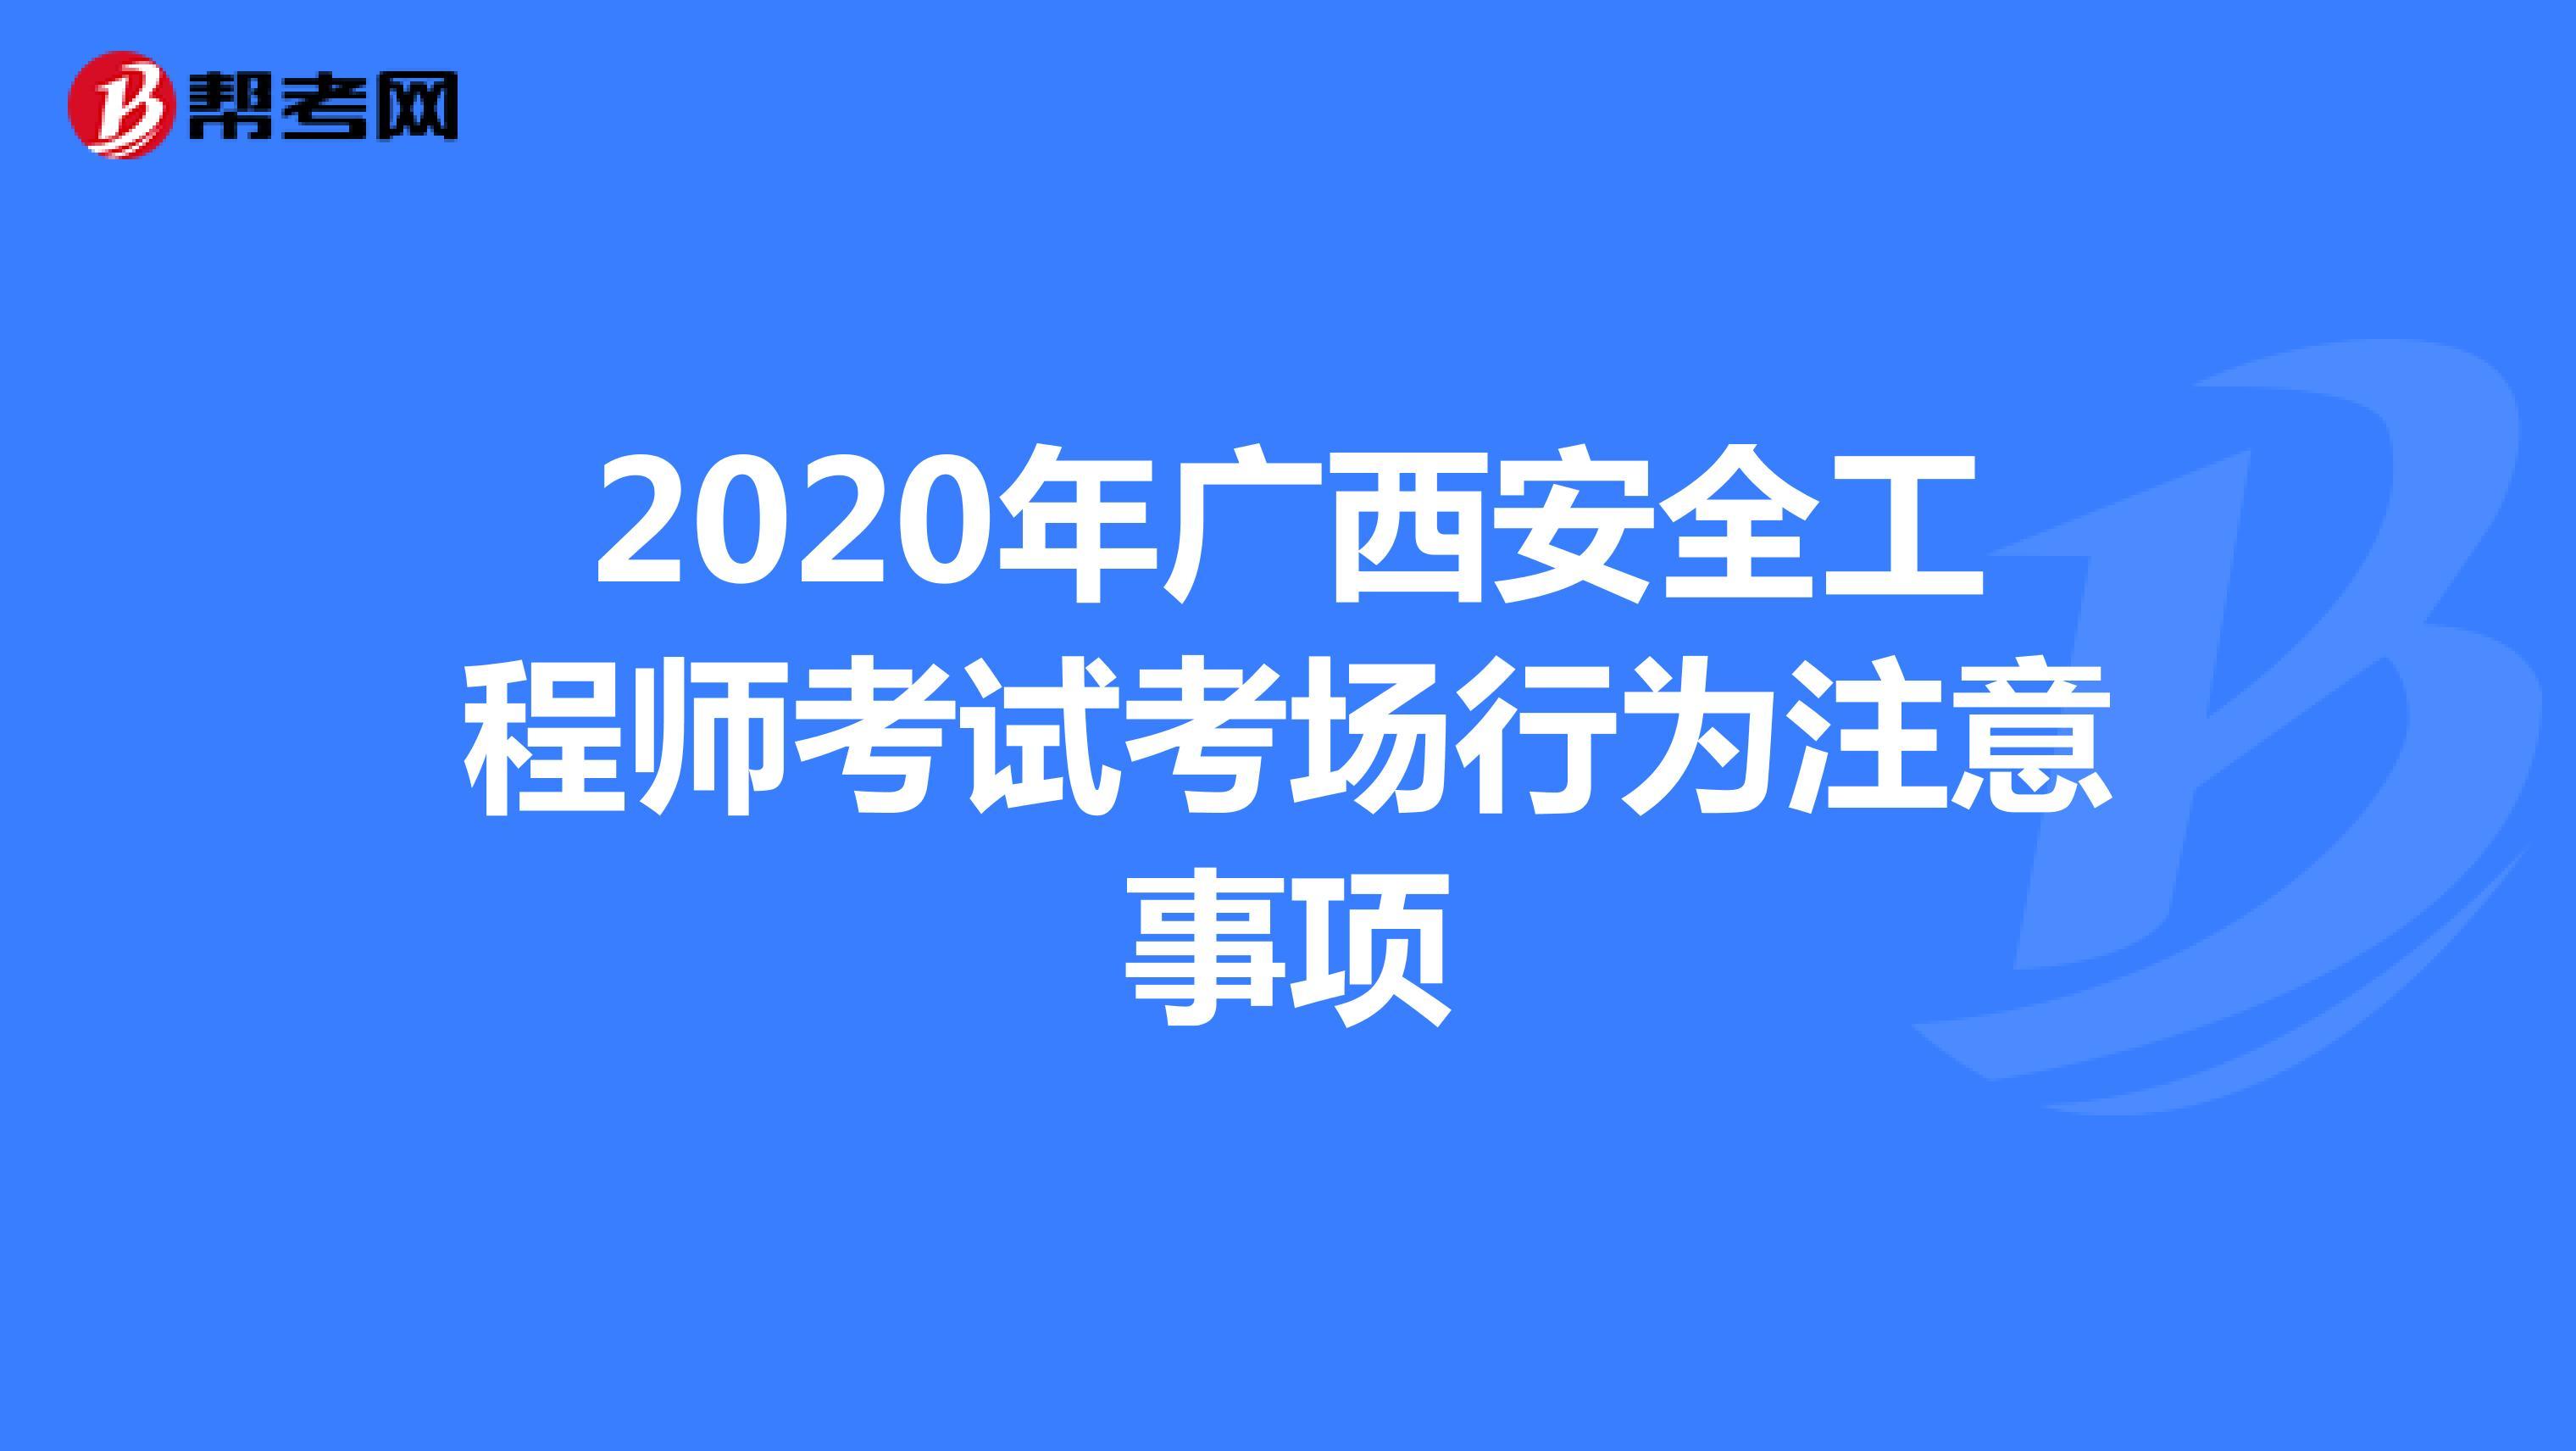 2020年广西安全官网雷火考场行为注意事项